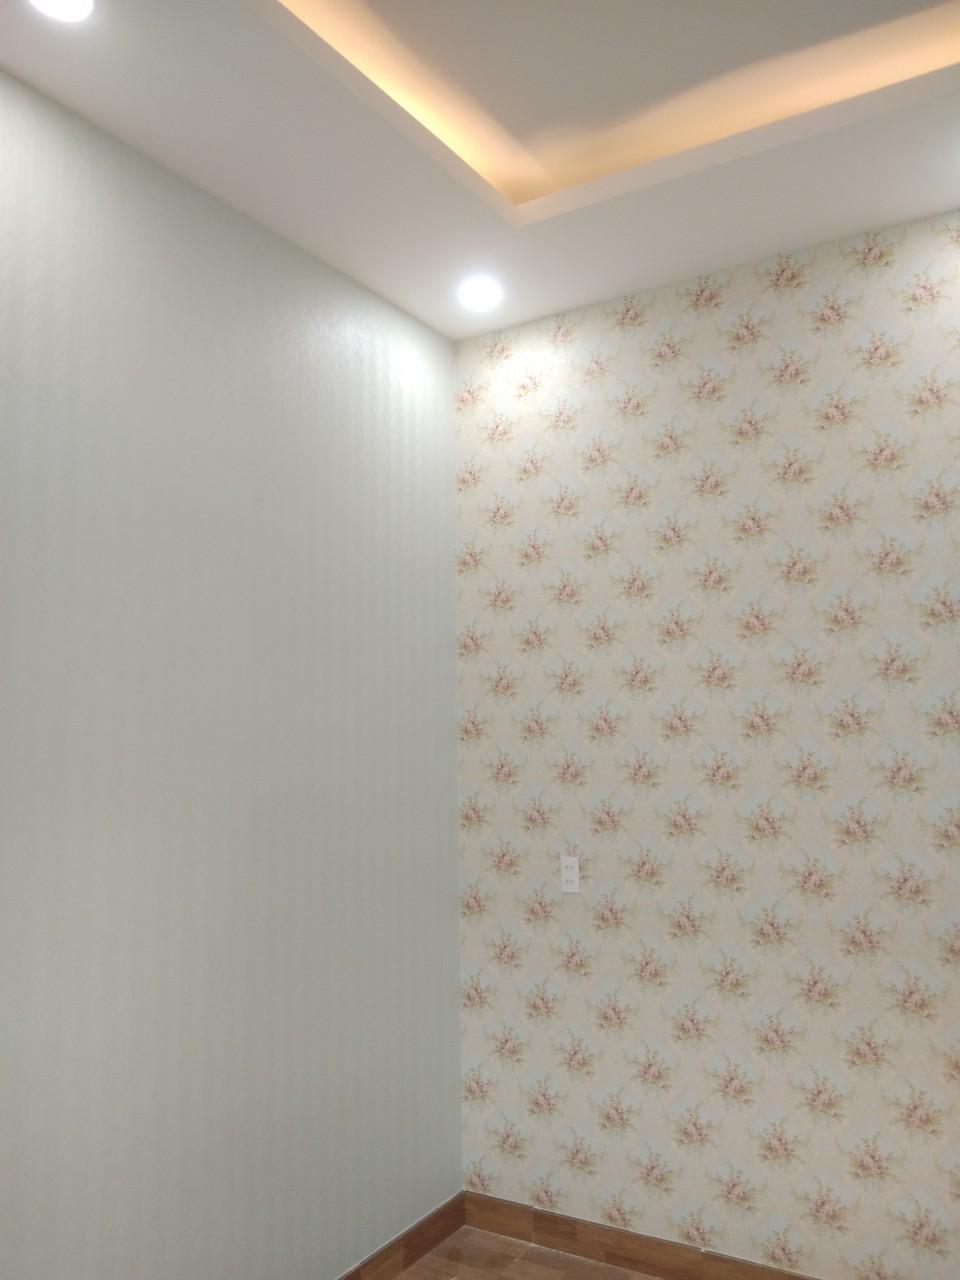 fieta 23021 23031 Giấy Dán Tường Hàn Quốc Điểm Nhấn Phòng Ngủ Fiesta 23021 23031